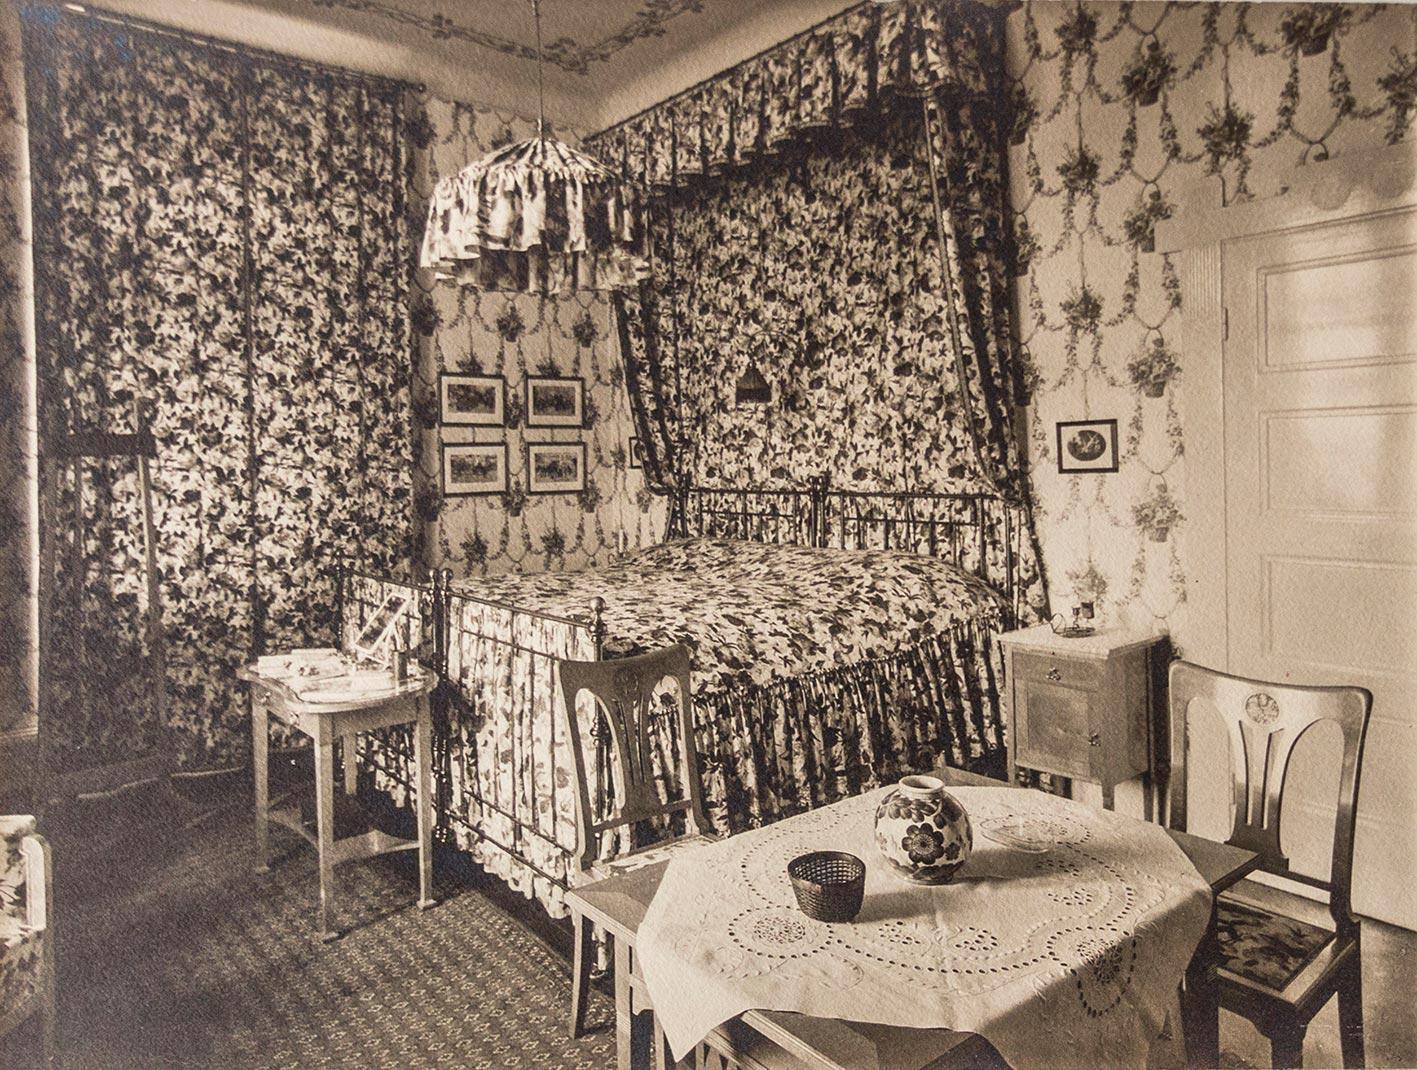 Jugendstil Schlafzimmer Einrichtung Eines Badischen Fabrikanten.  Original Fotografie (ca.: Anonymer